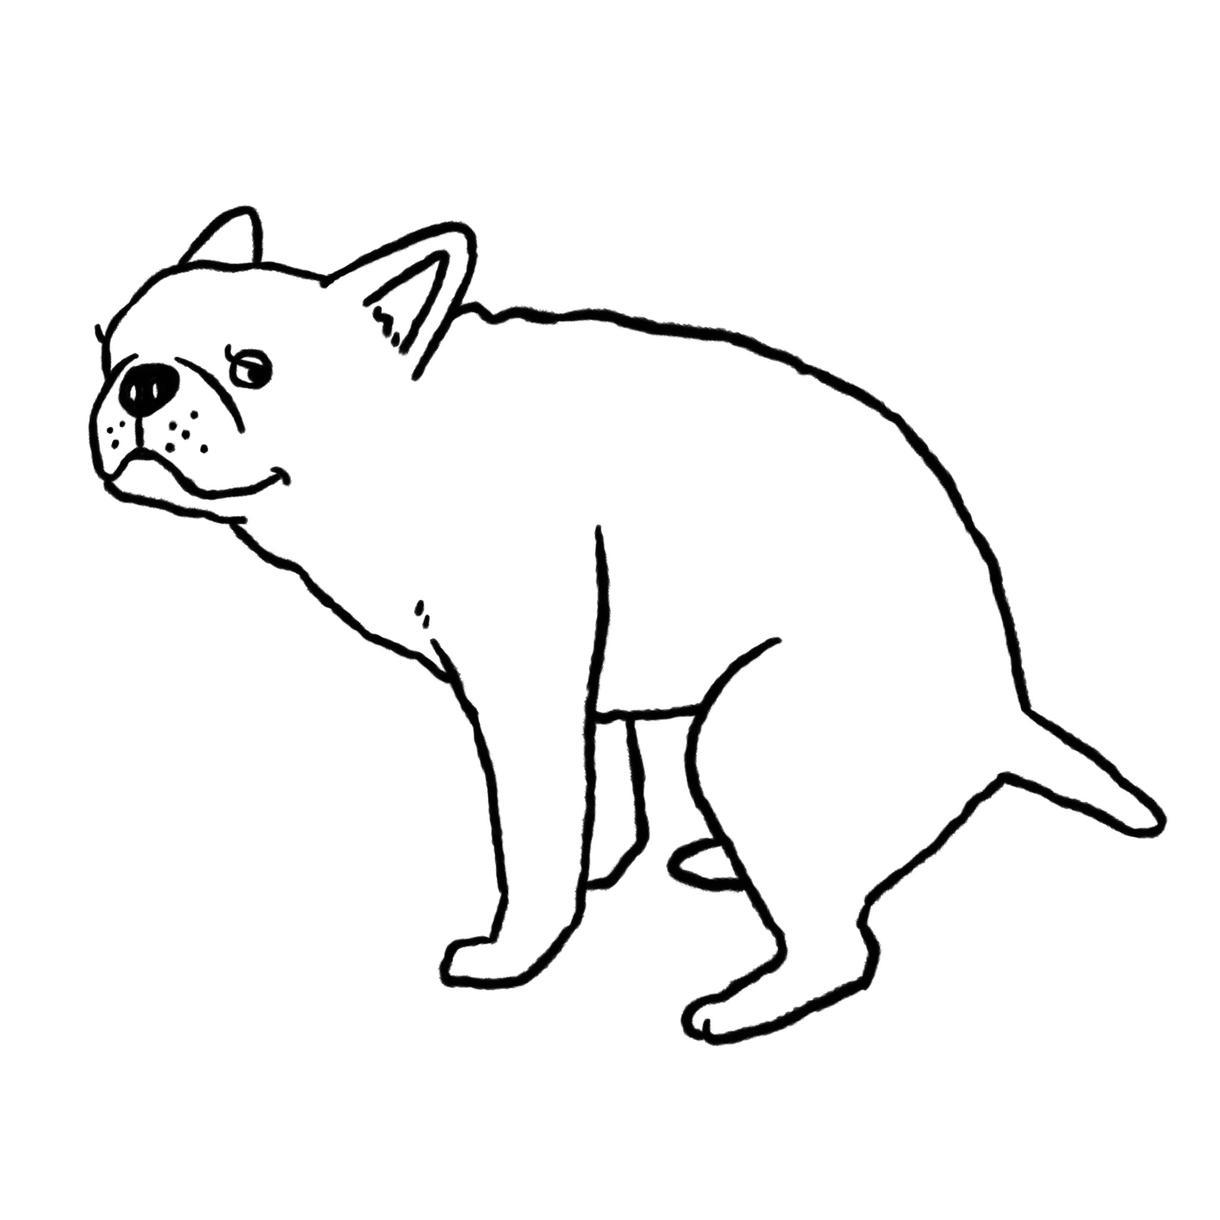 ペット、動物のイラスト描きます ポップでチャーミングな雰囲気のイラスト イメージ1